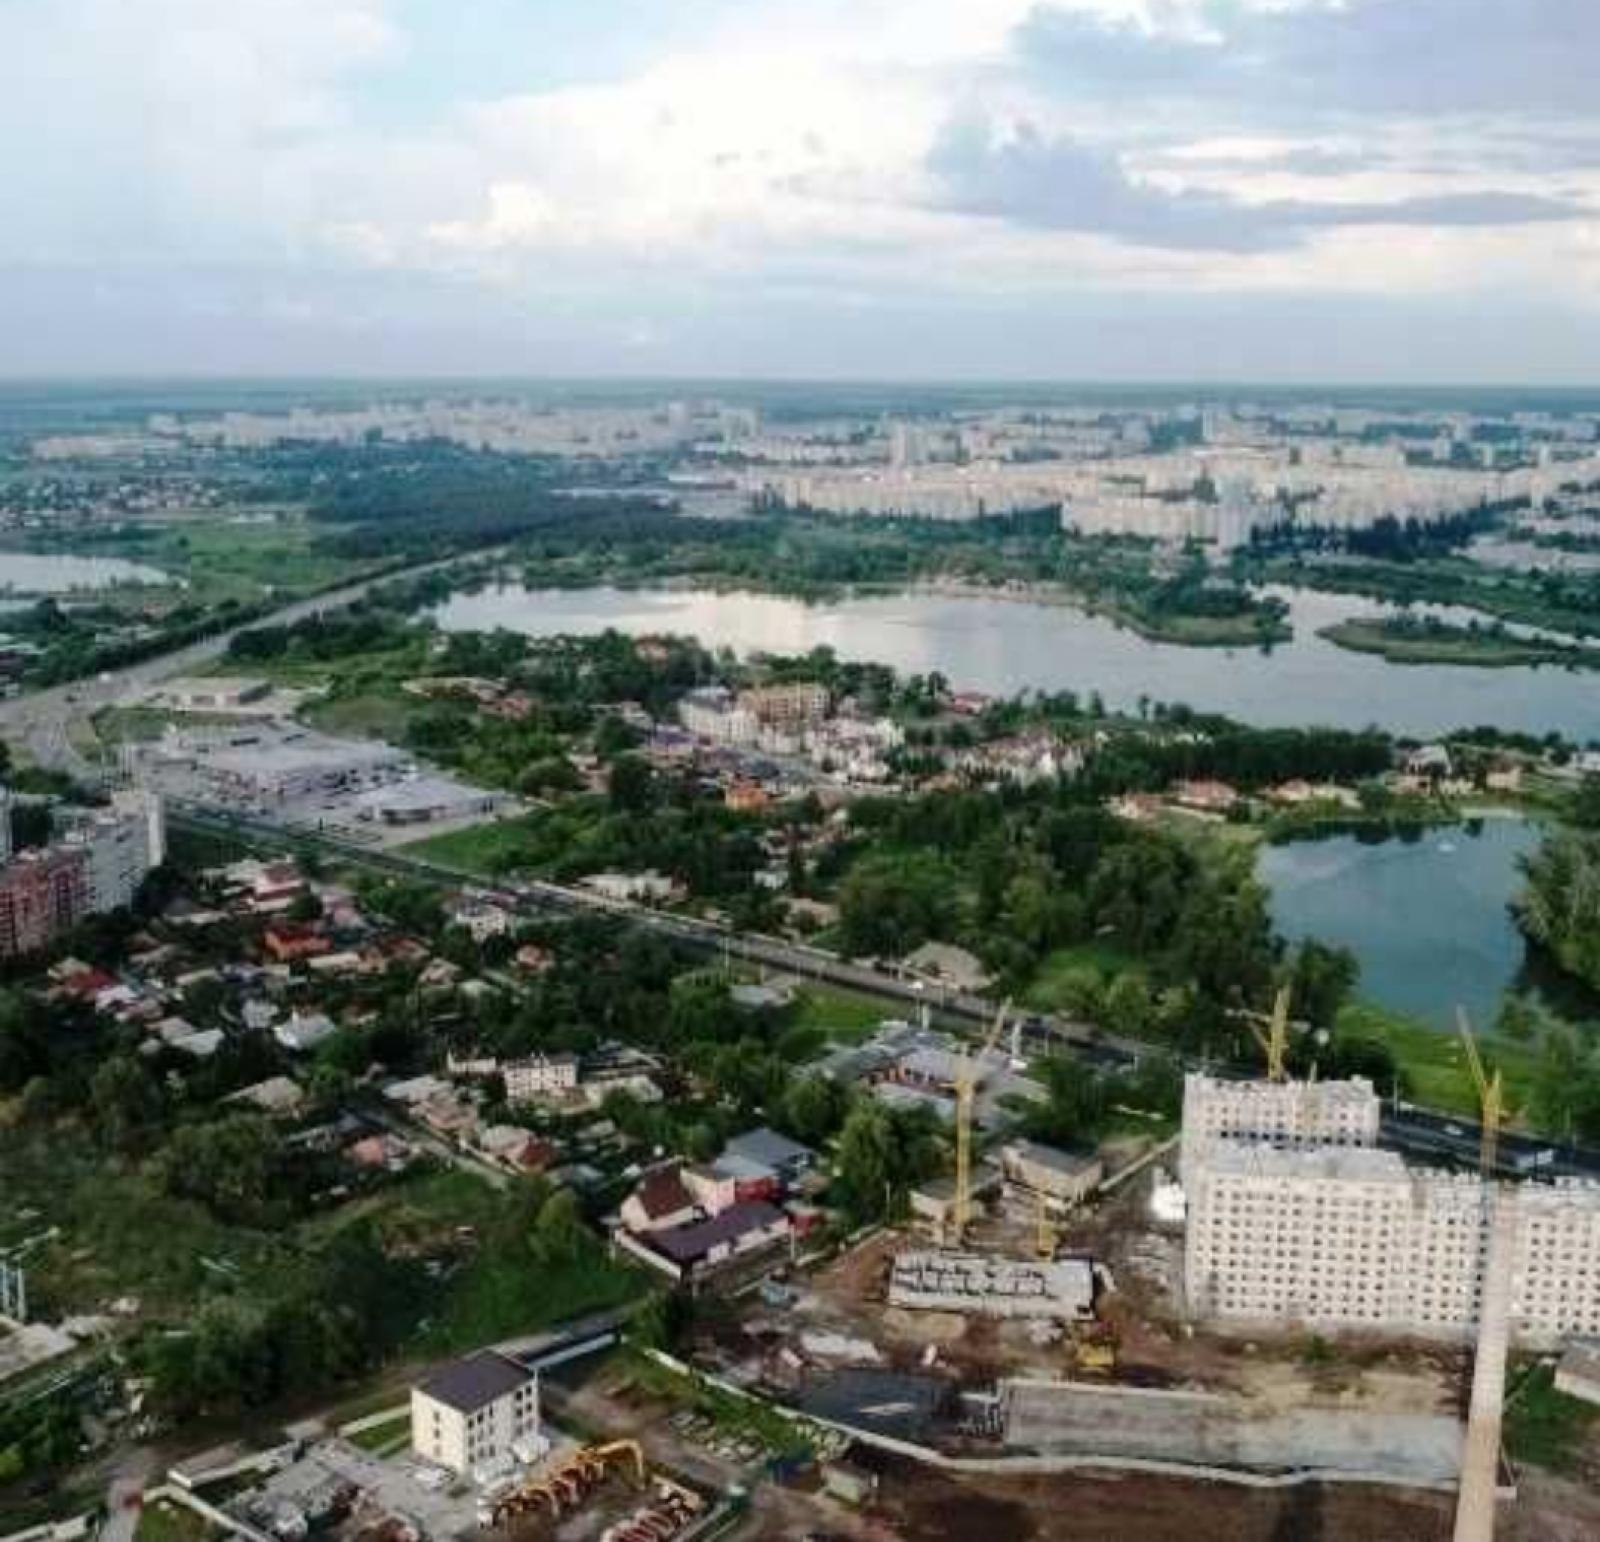 Продам квартиру в Жк Гидропарк, метро Киевская рядом